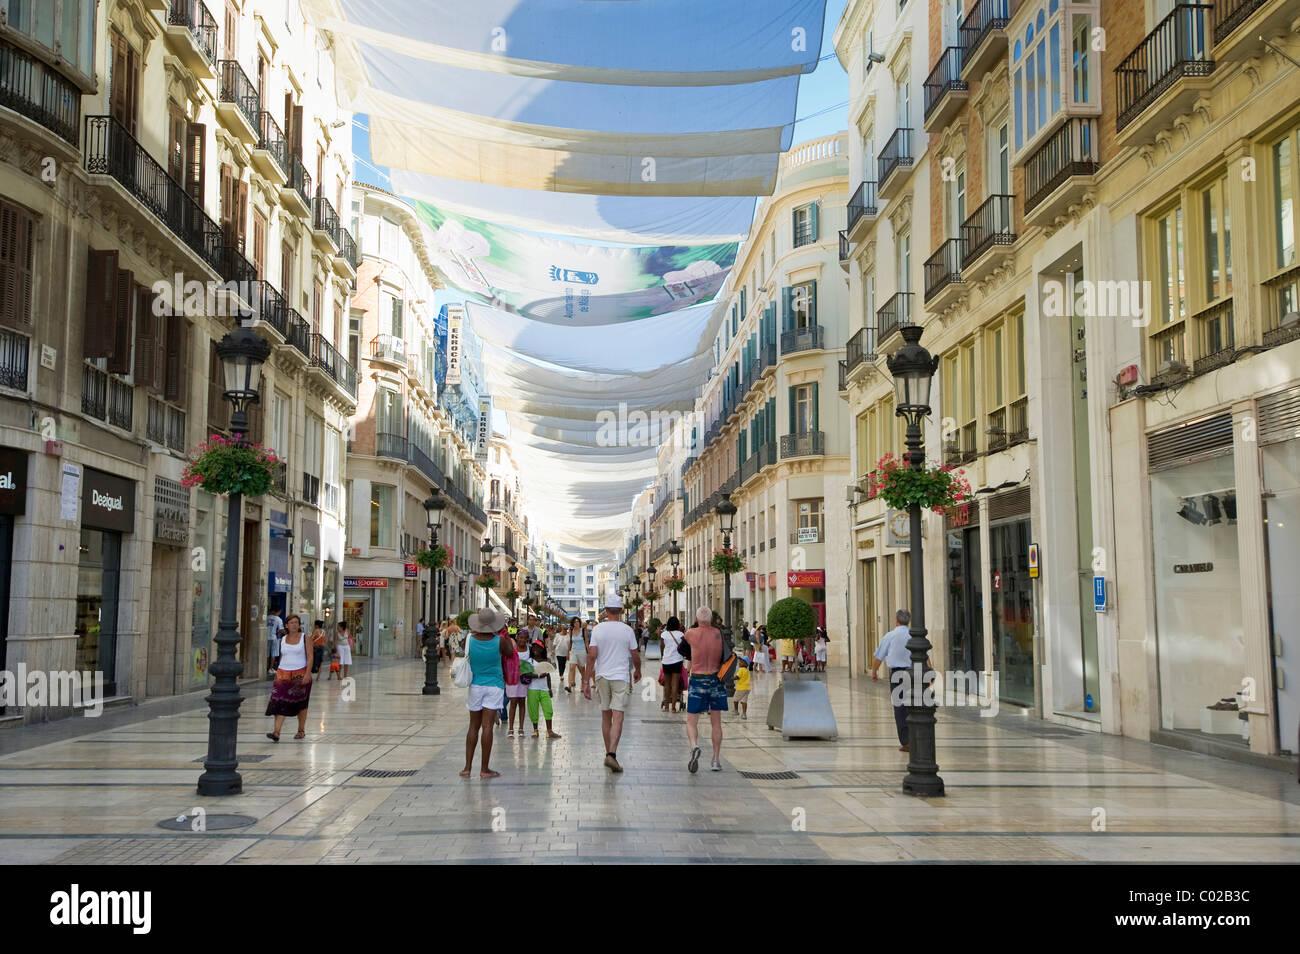 Calle De Molina Lario The Main Shopping Street In Malaga